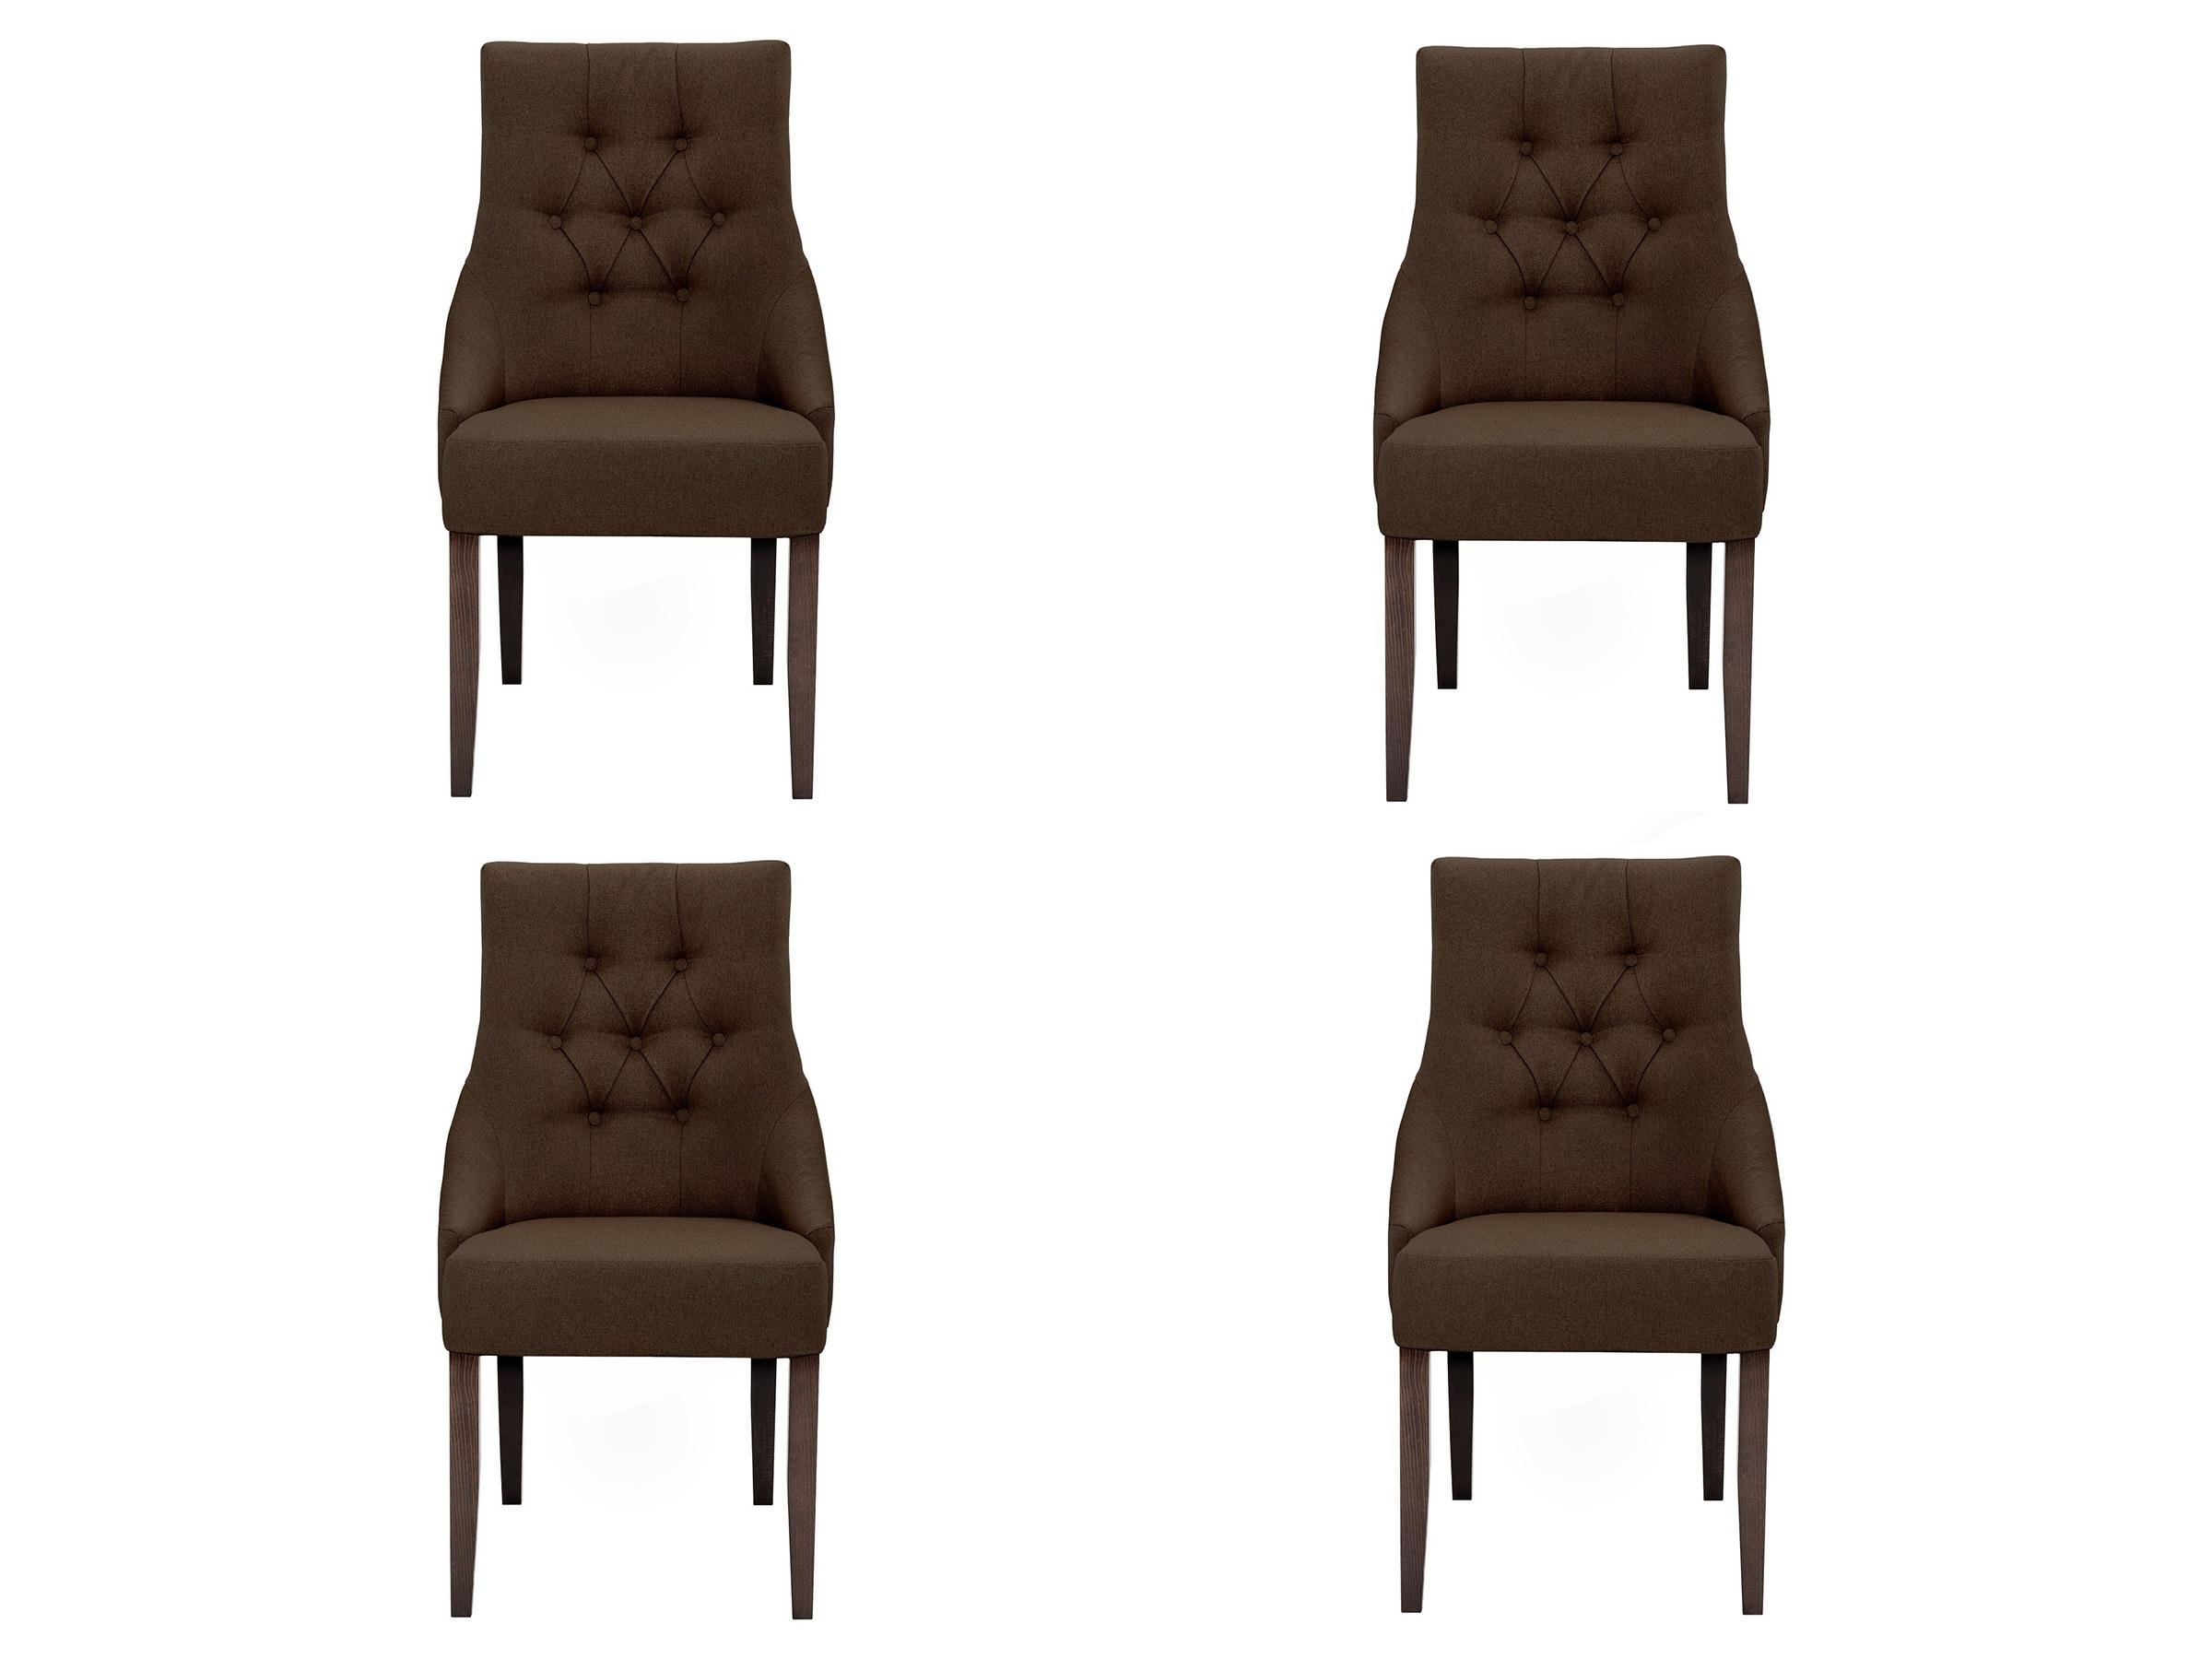 """Купить Комплект из 4 стульев """"classic"""" (Myfurnish) коричневый текстиль 52x102x70 см. 76565 в интернет магазине. Цены, фото, описания, характеристики, отзывы, обзоры"""